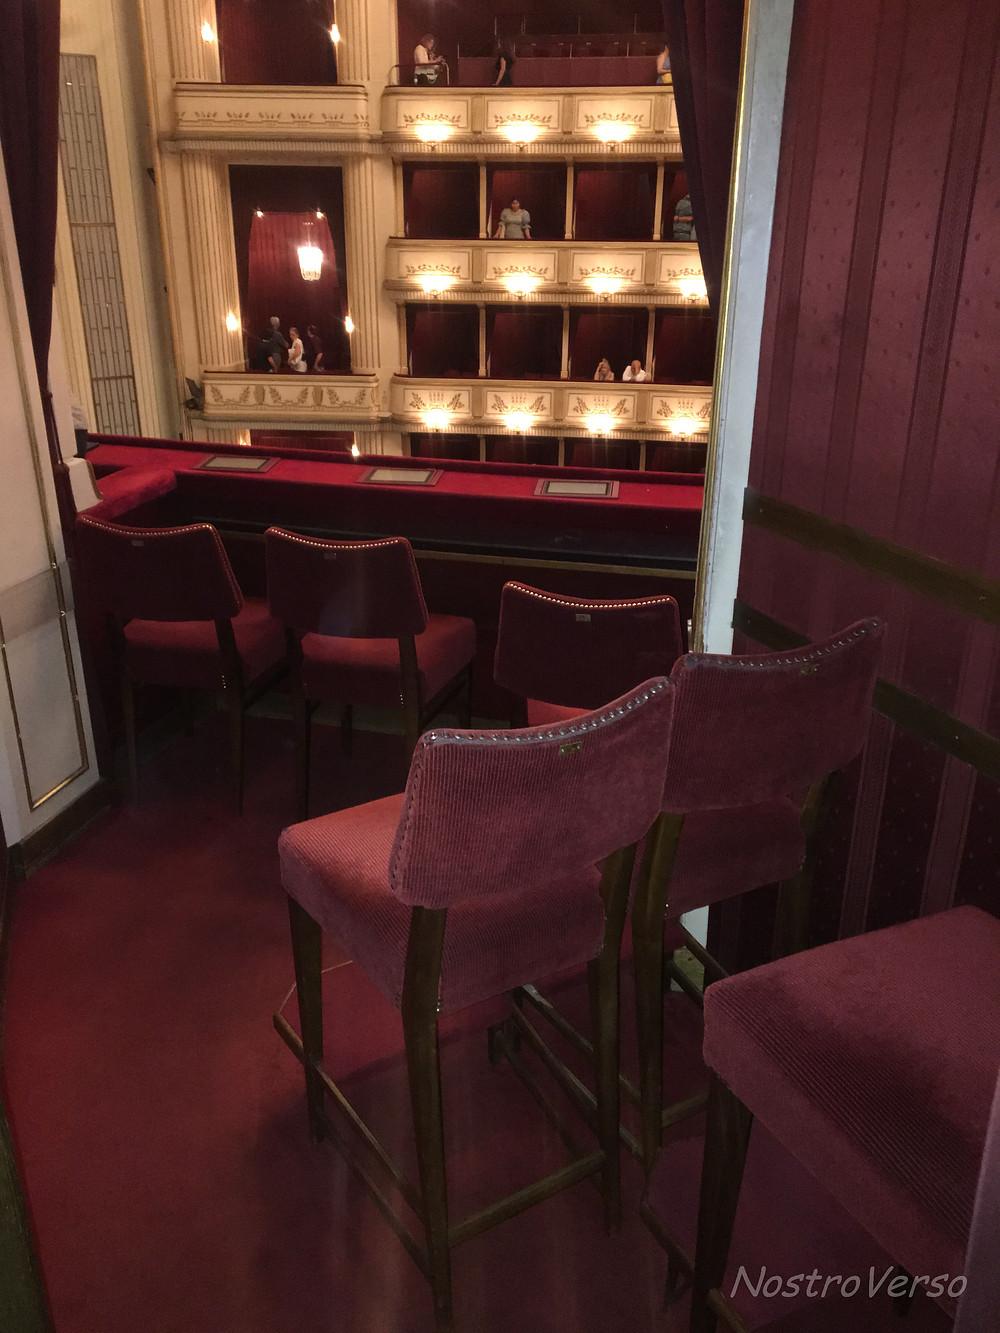 Cabine lateral da Ópera de Viena